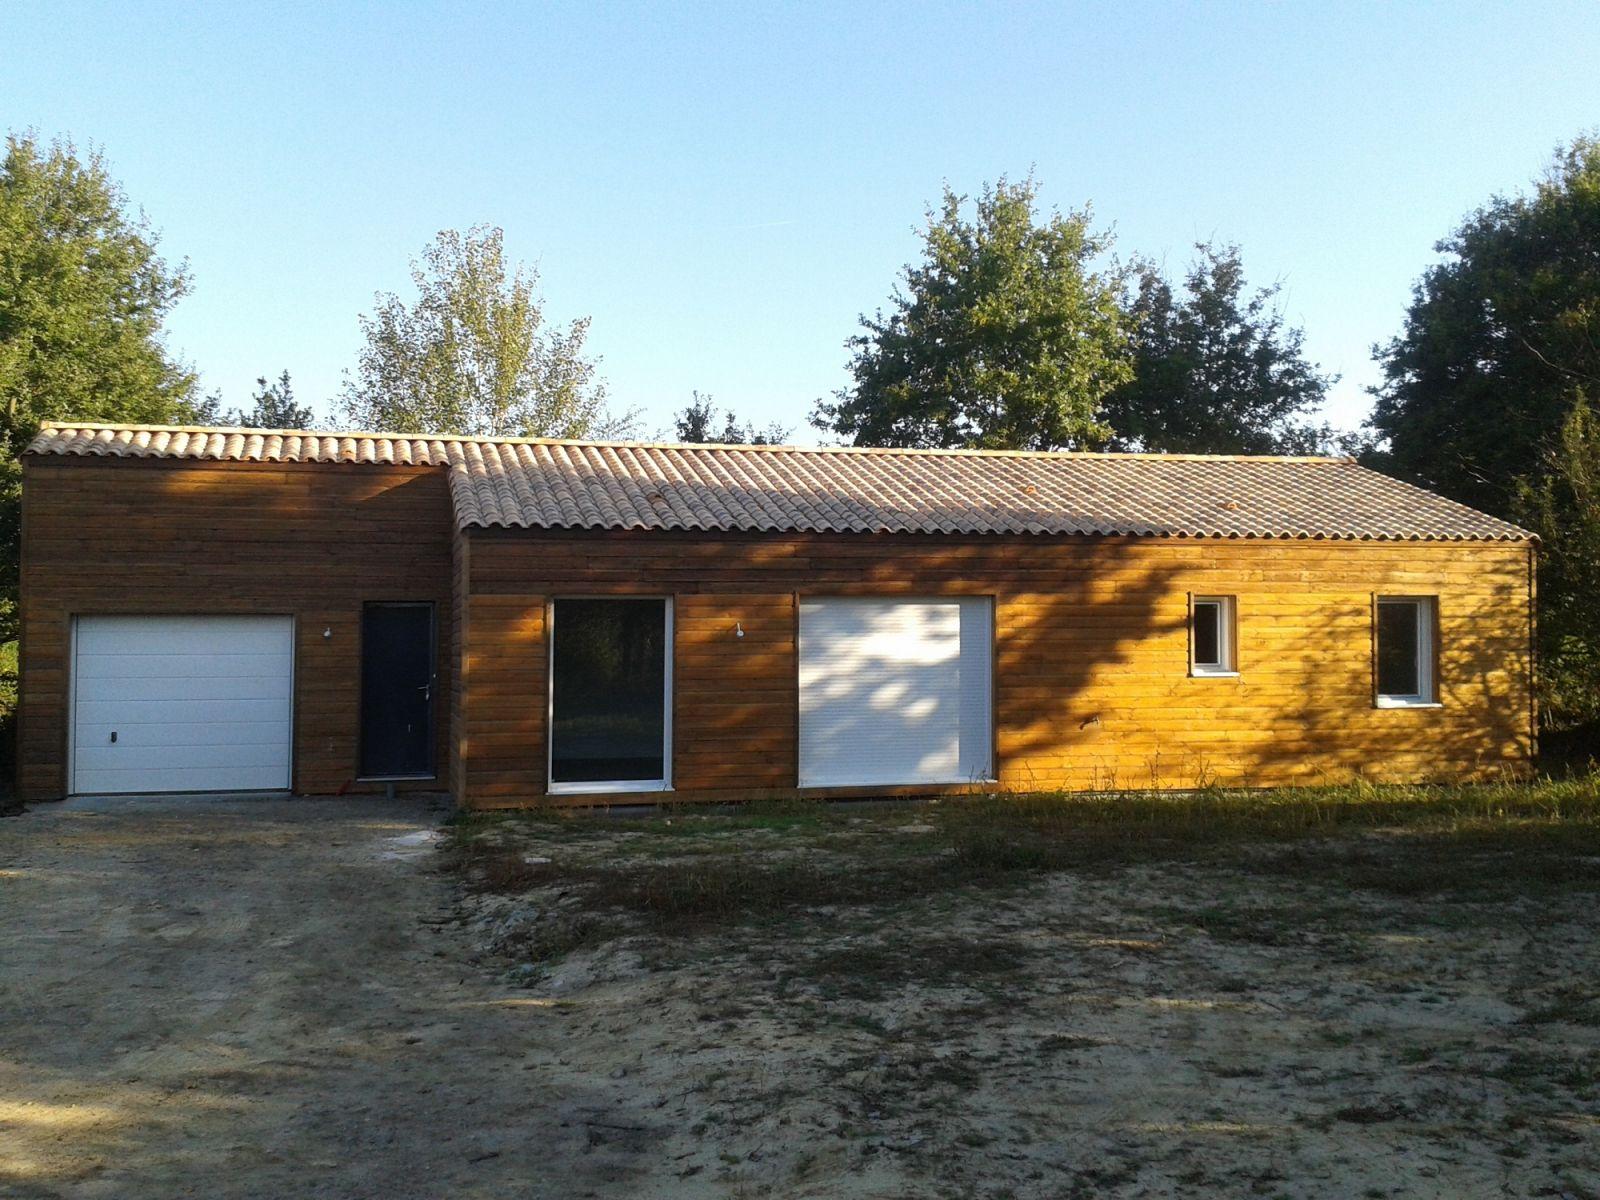 Nouvelle construction d 39 une maison bois en vend e for Nouvelle construction maison